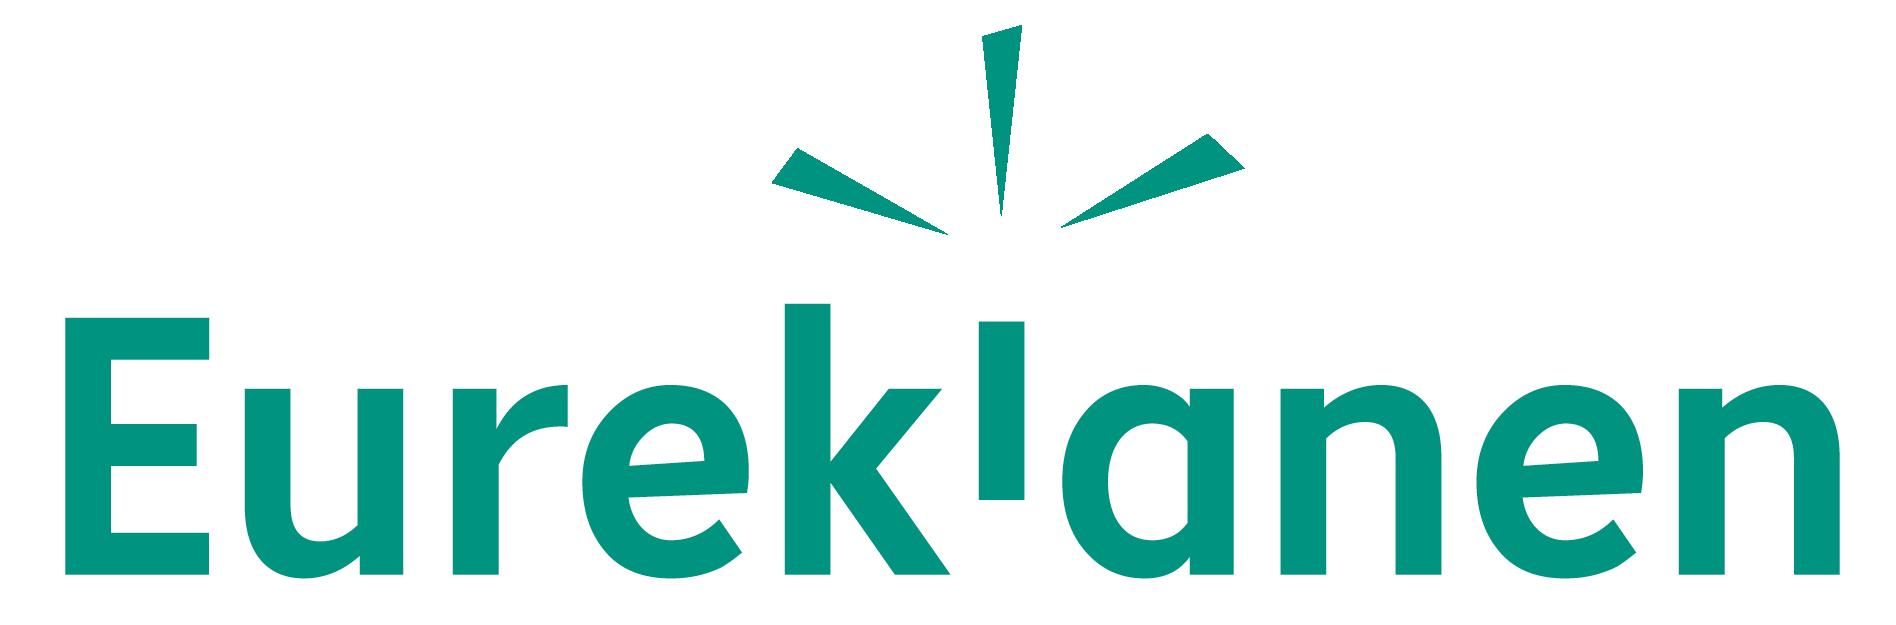 Eurekianen logo